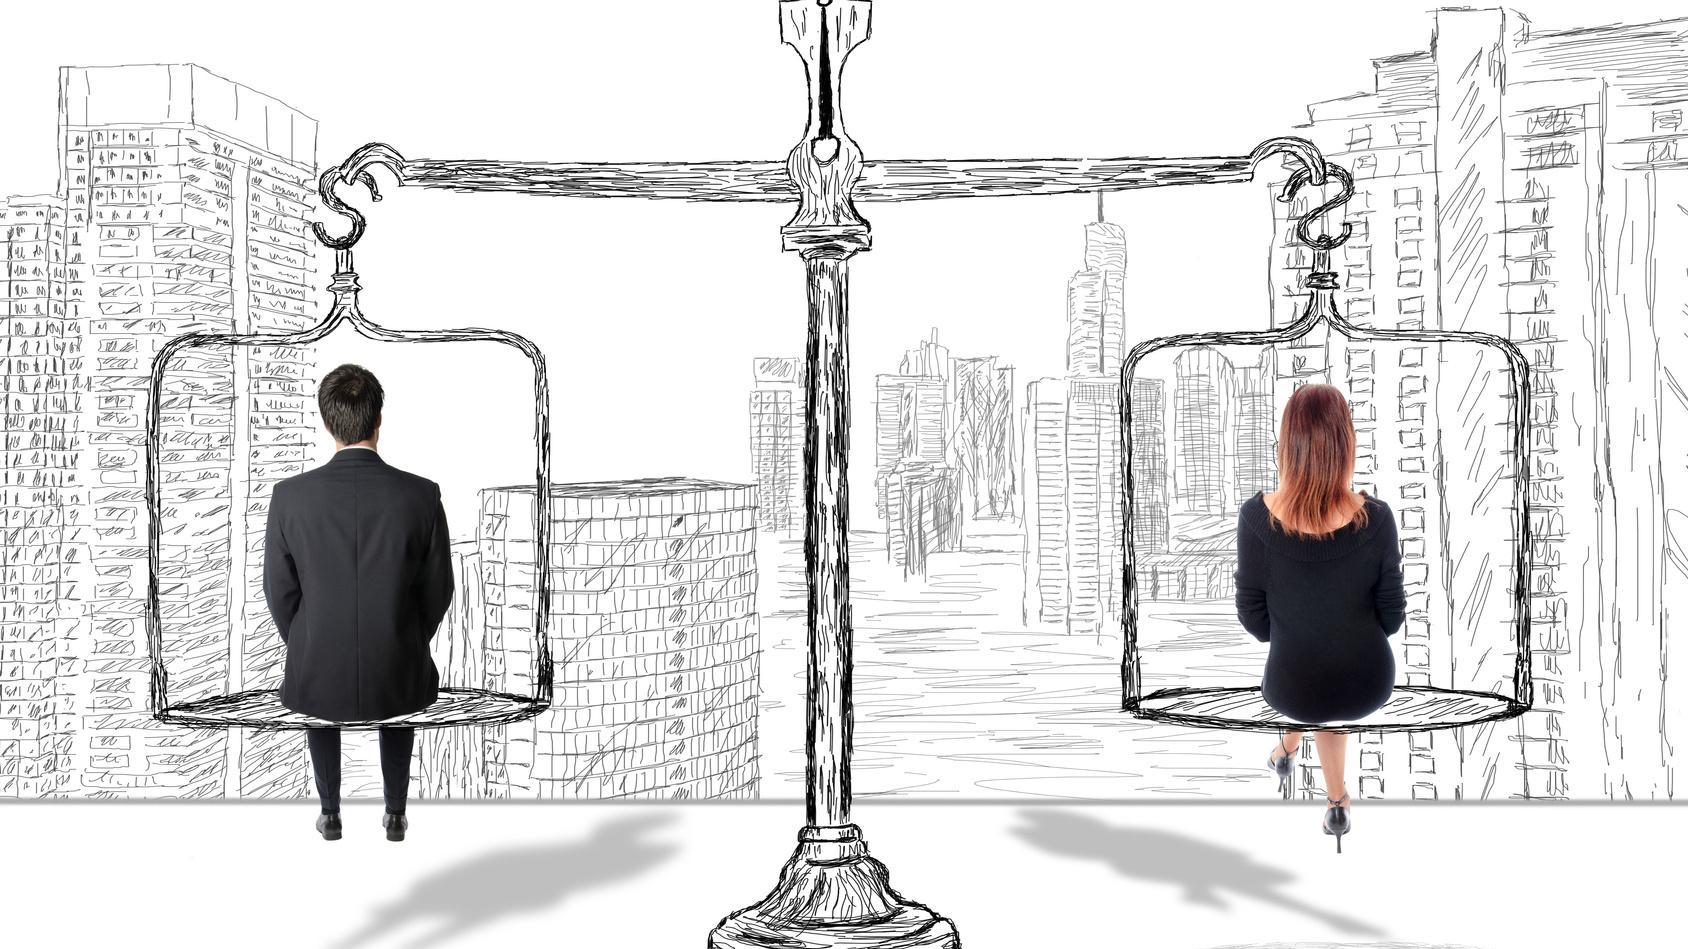 Megtaláltam a bűnöst a nők alacsony fizetéséért